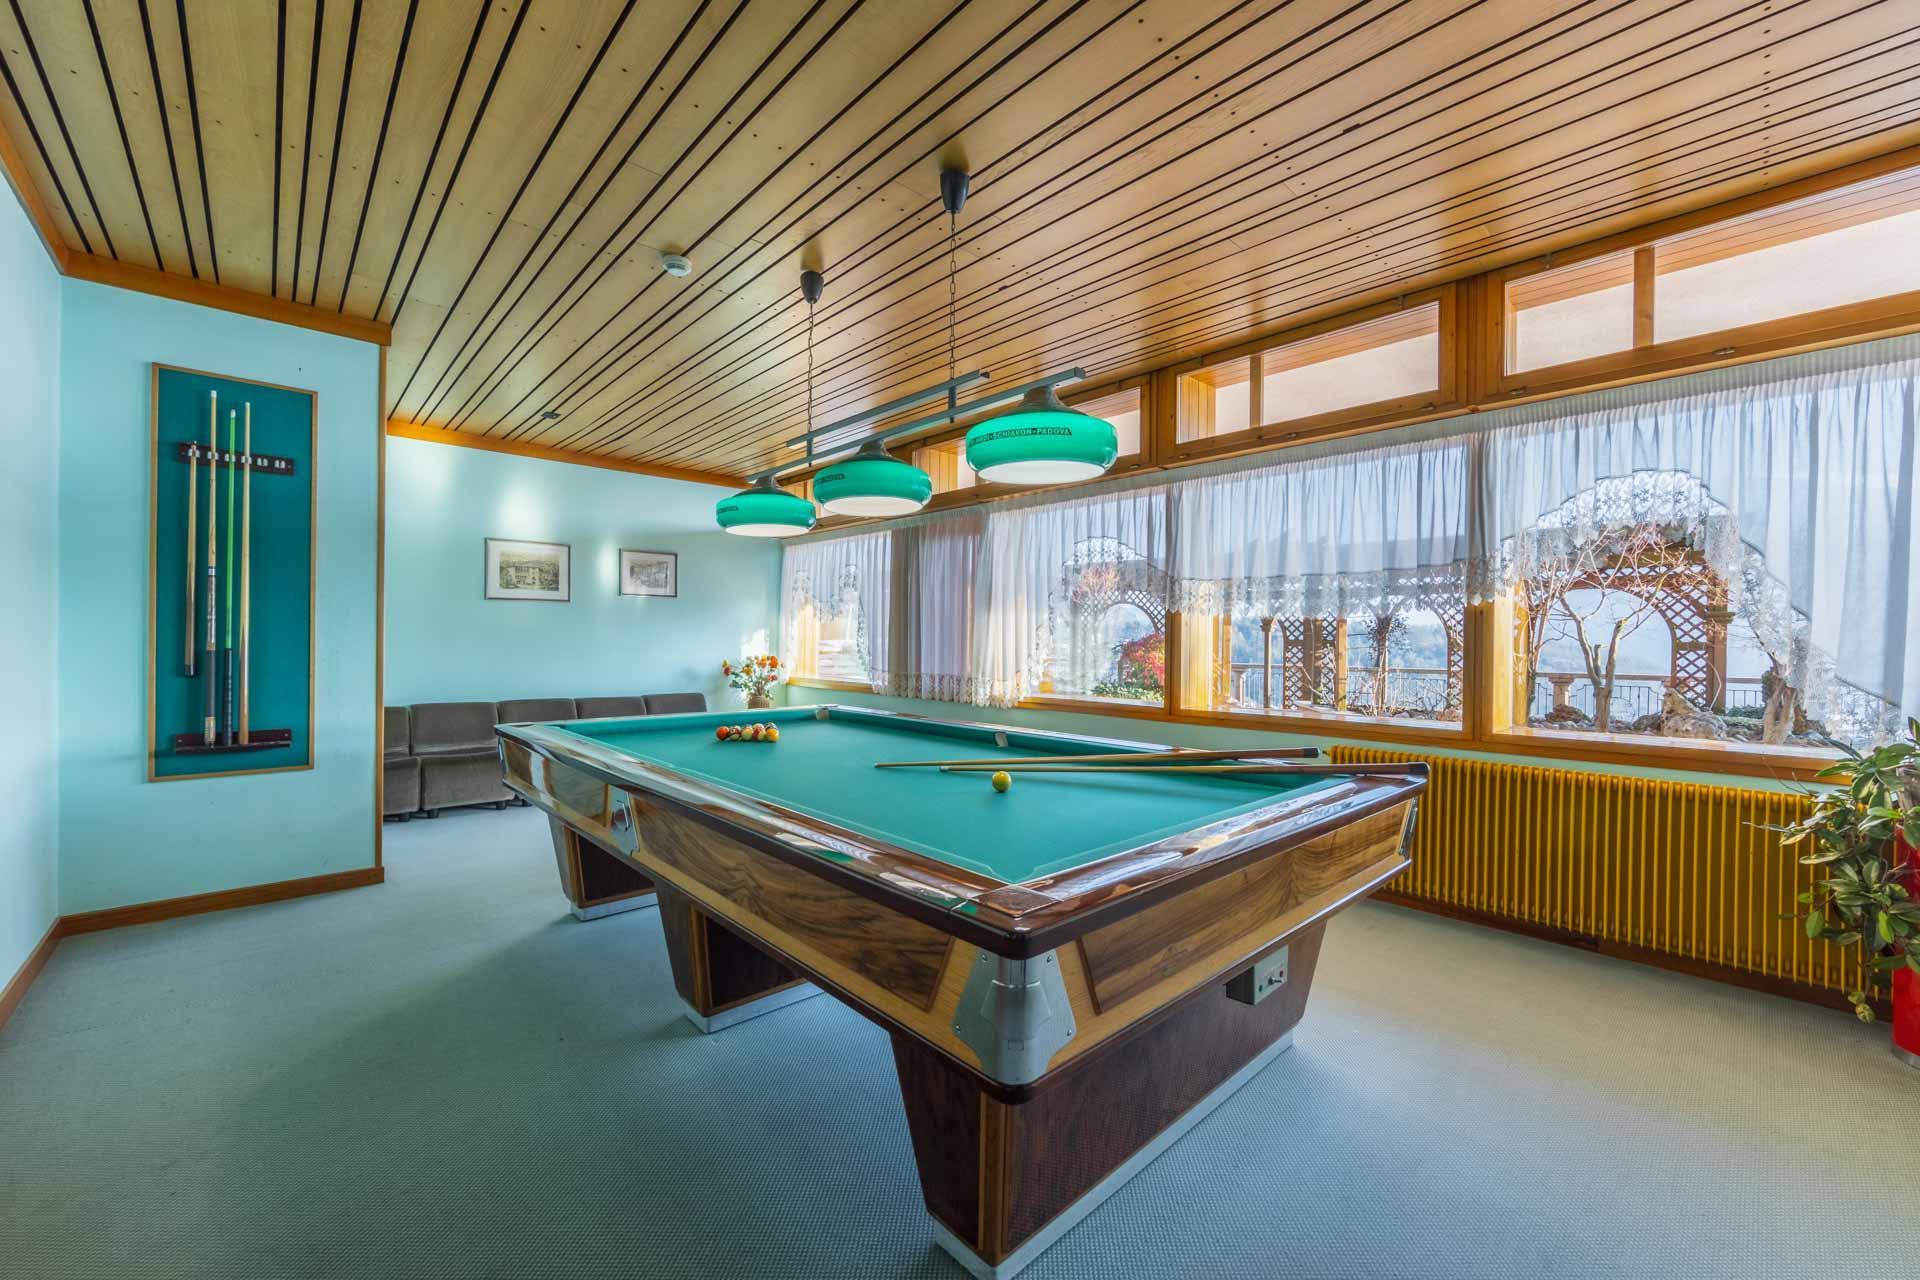 hotel-vicino-molveno-e-terme-di-comano-miravalle-cucina-tipica-con-piscina-53